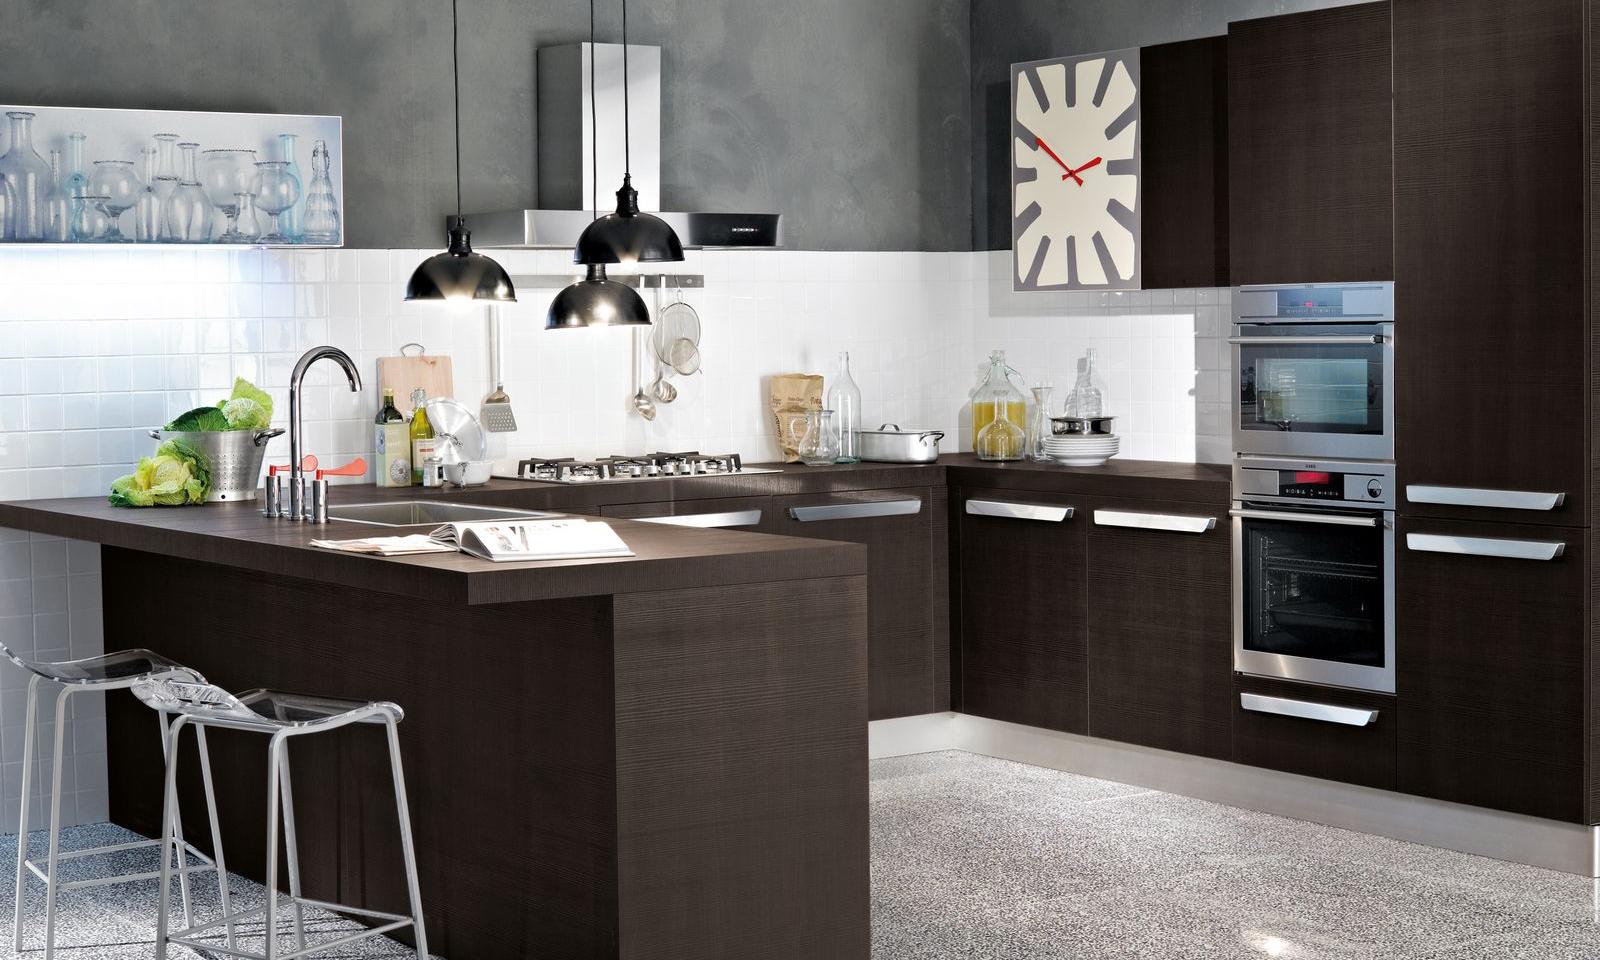 Decotips distribuir la cocina seg n su geometr a virlova style - Cocinas en u modernas ...